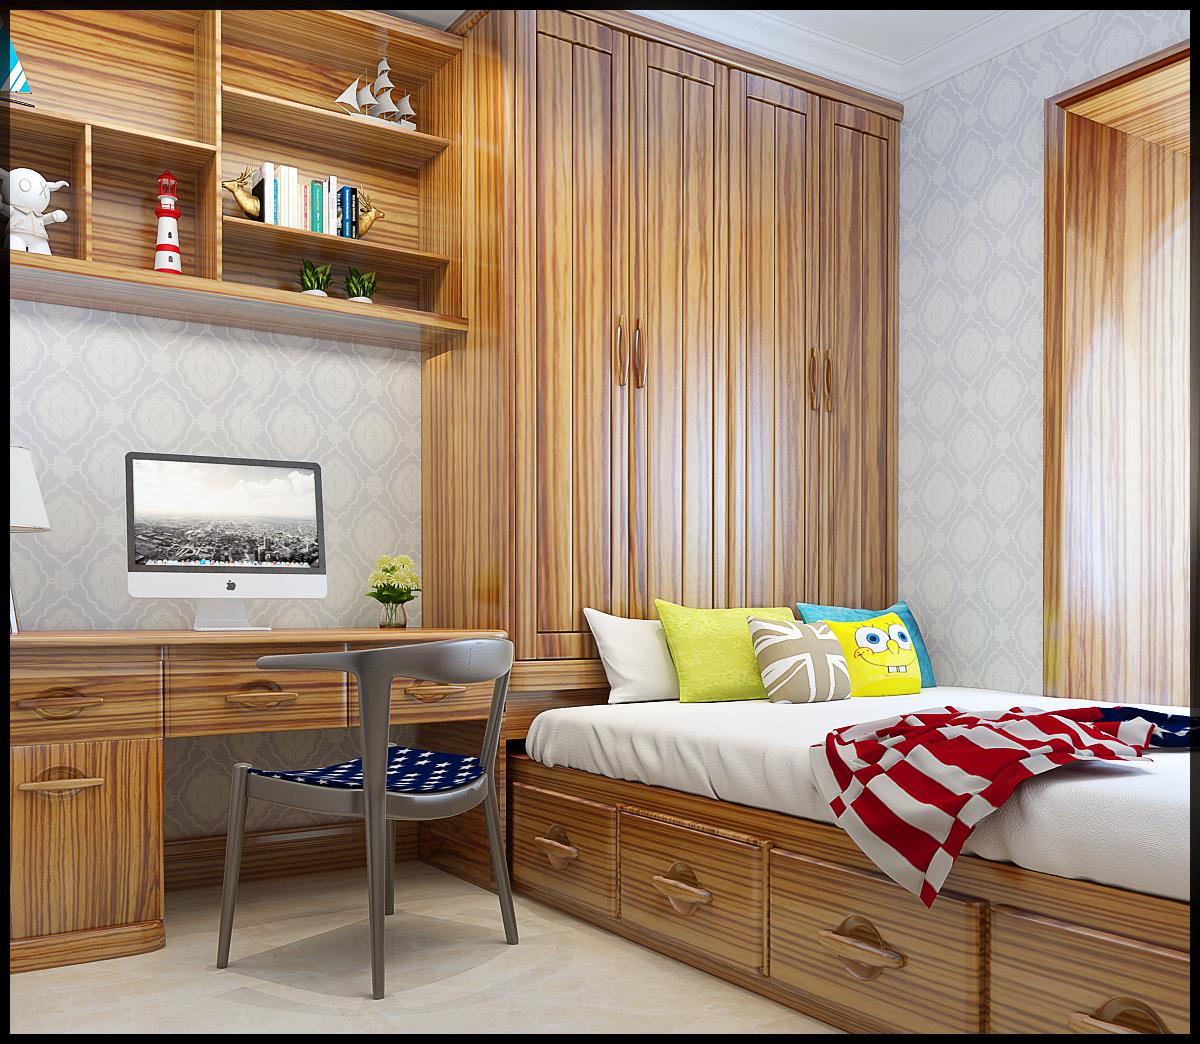 从色调的选用上,根据空间使用者的不同,在软硬装的选择上使用了更加柔和的色彩,以温暖和放松作为家的主题,使家的装修不再成为一种炫耀的资本,而是一种细致入微的感觉。我们始终强调的是家的人性化设计以及精神和物质的双重包容。